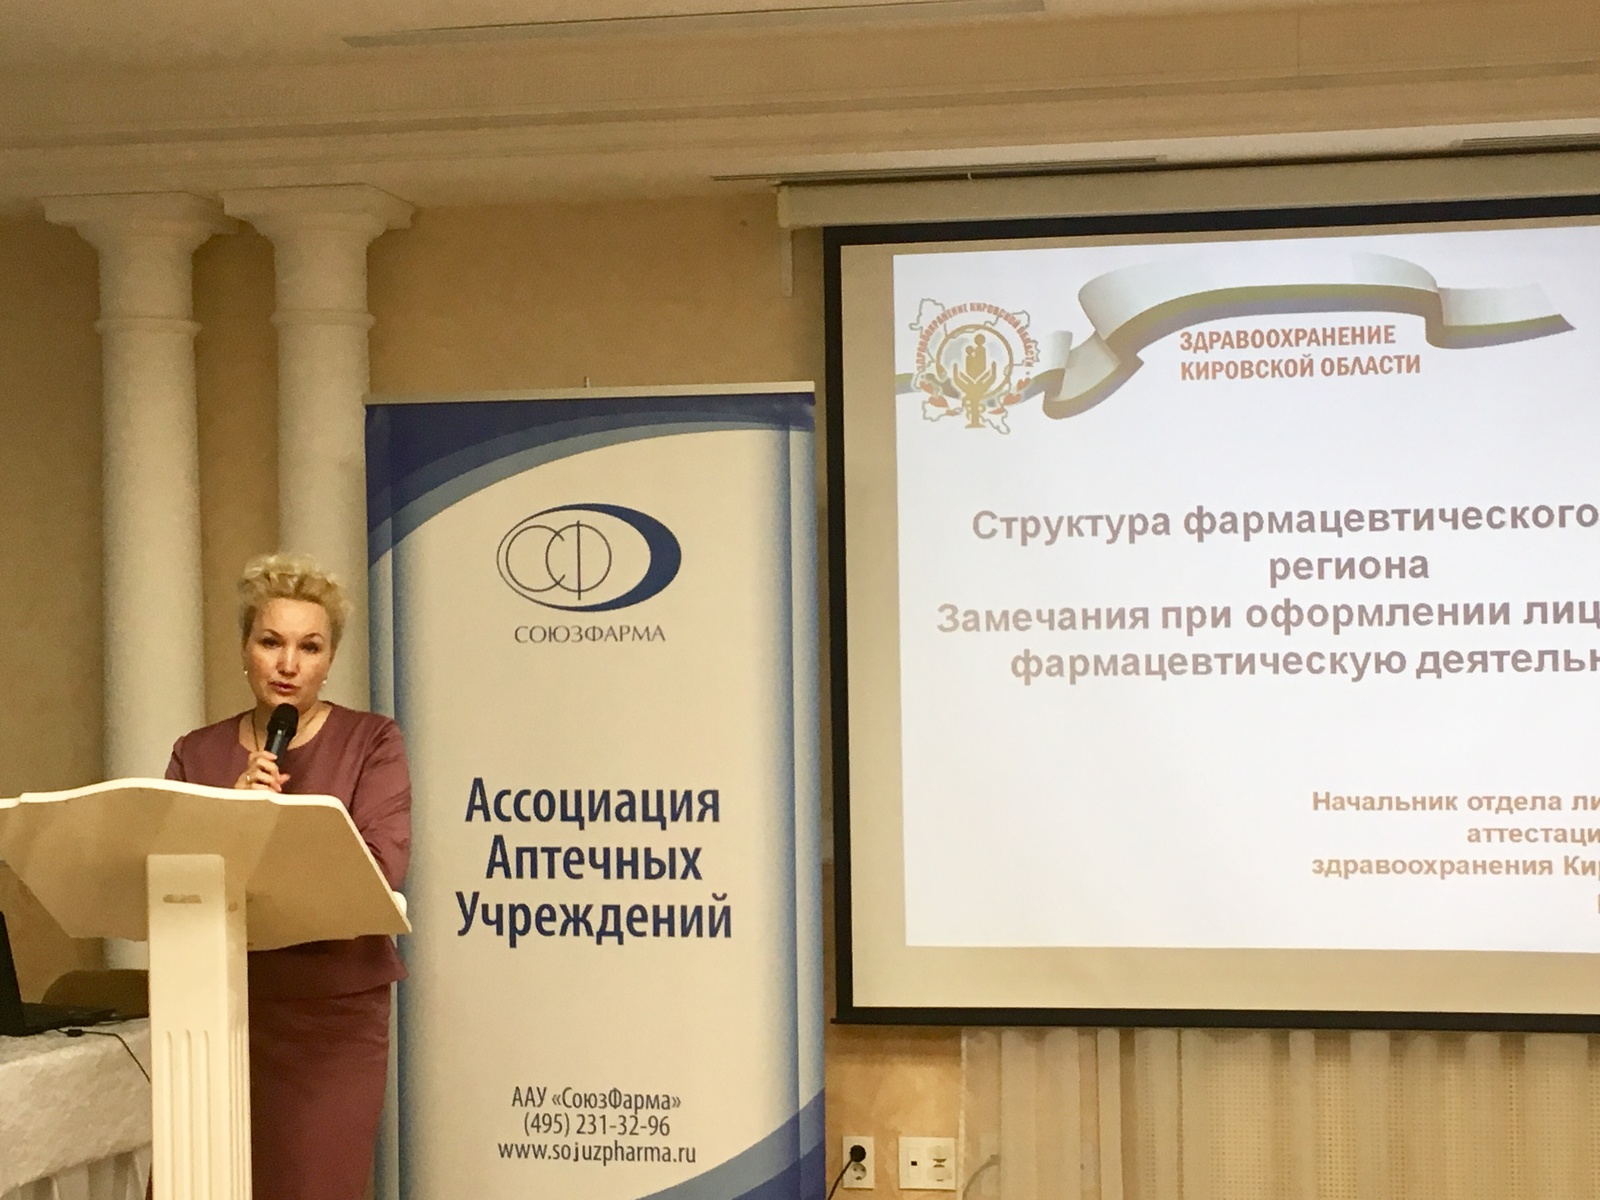 Региональная конференция ААУ «СоюзФарма» в Кирове